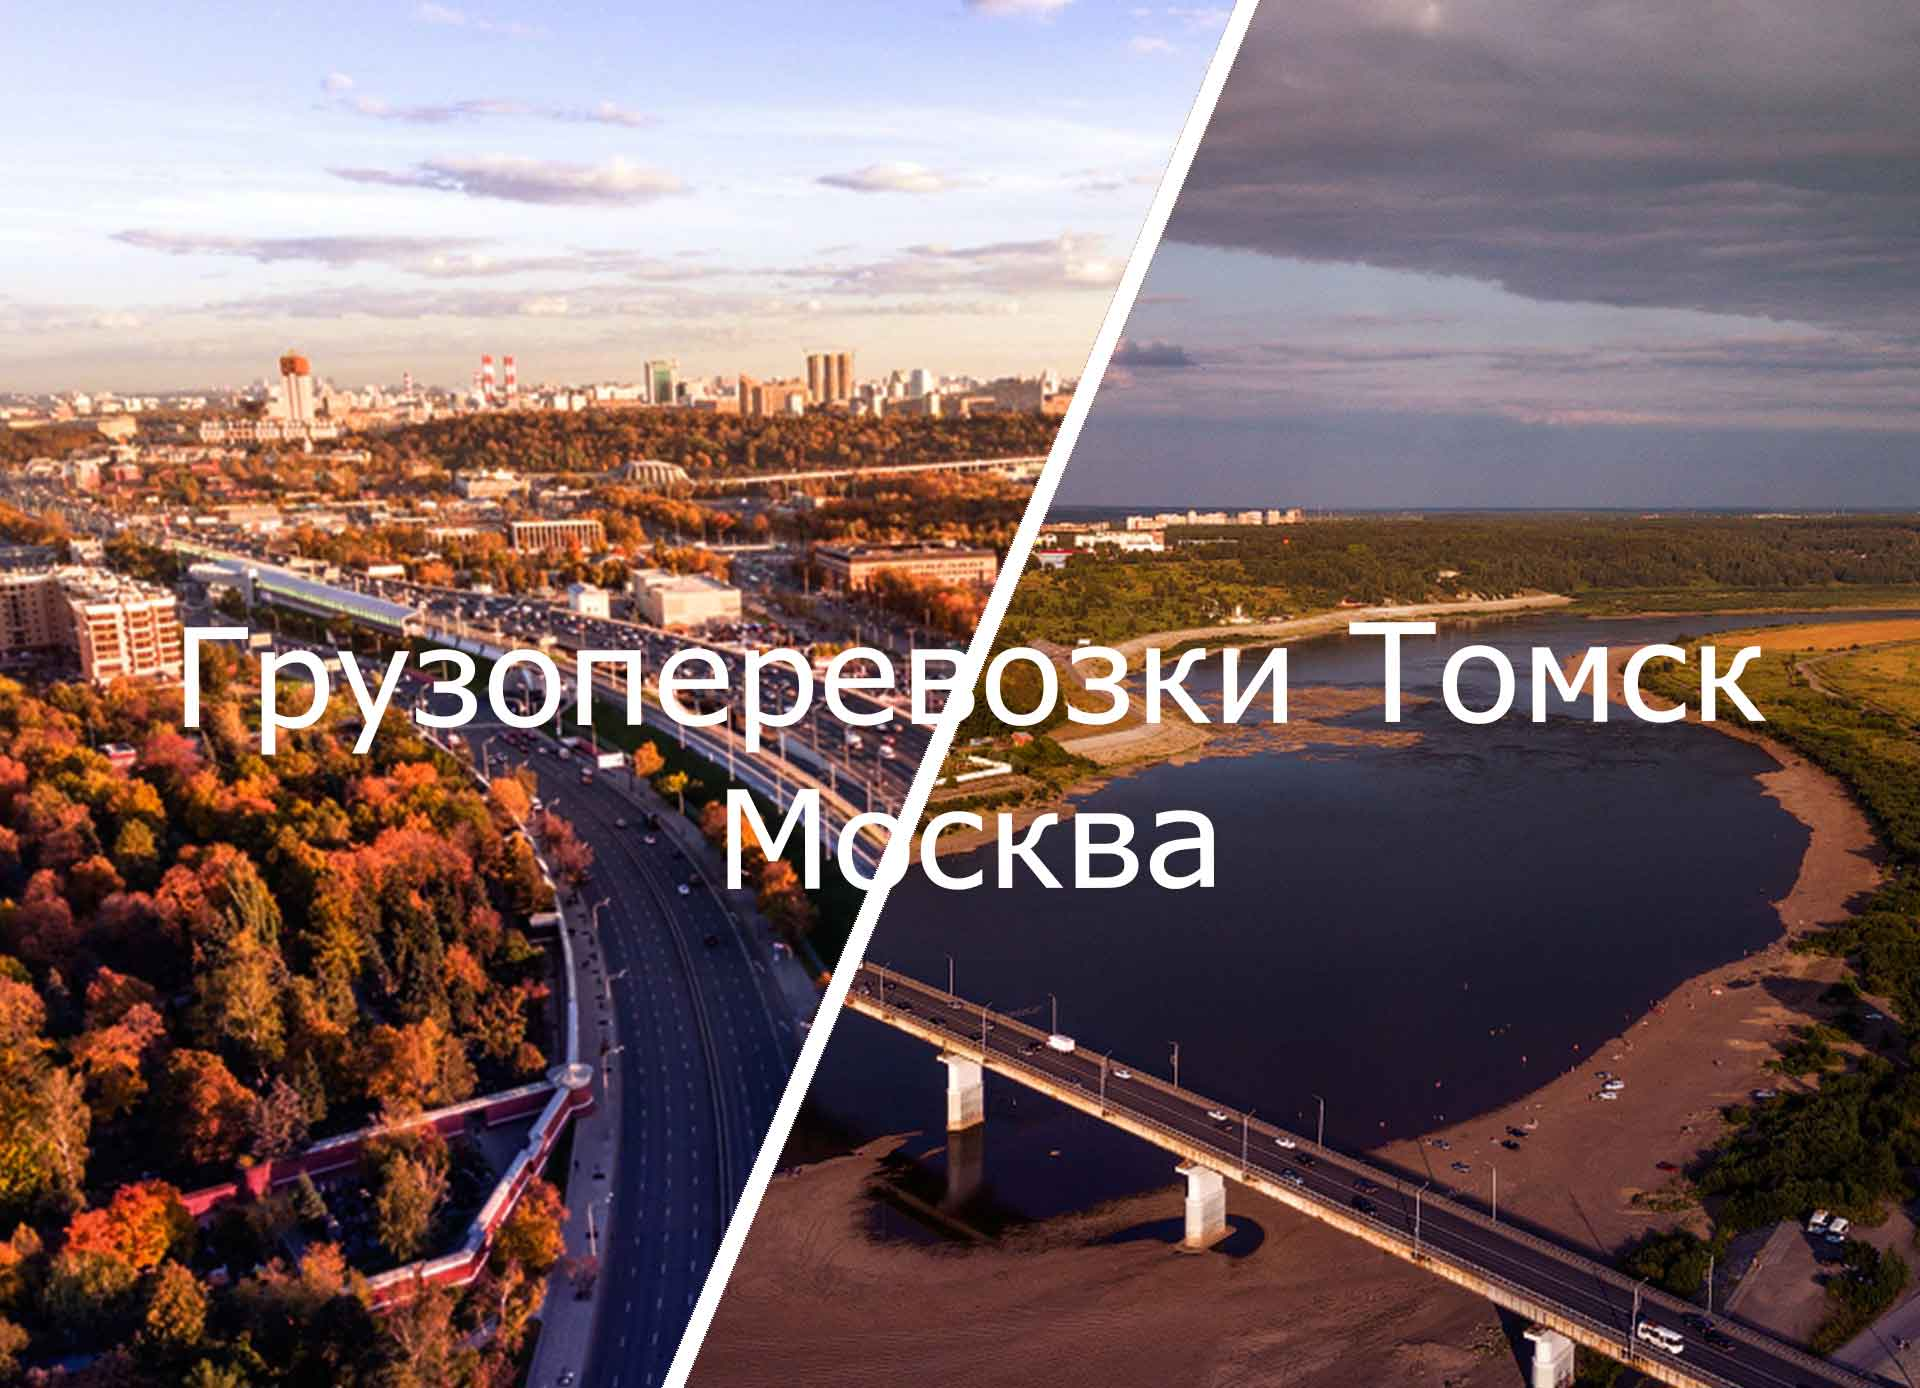 грузоперевозки томск москва